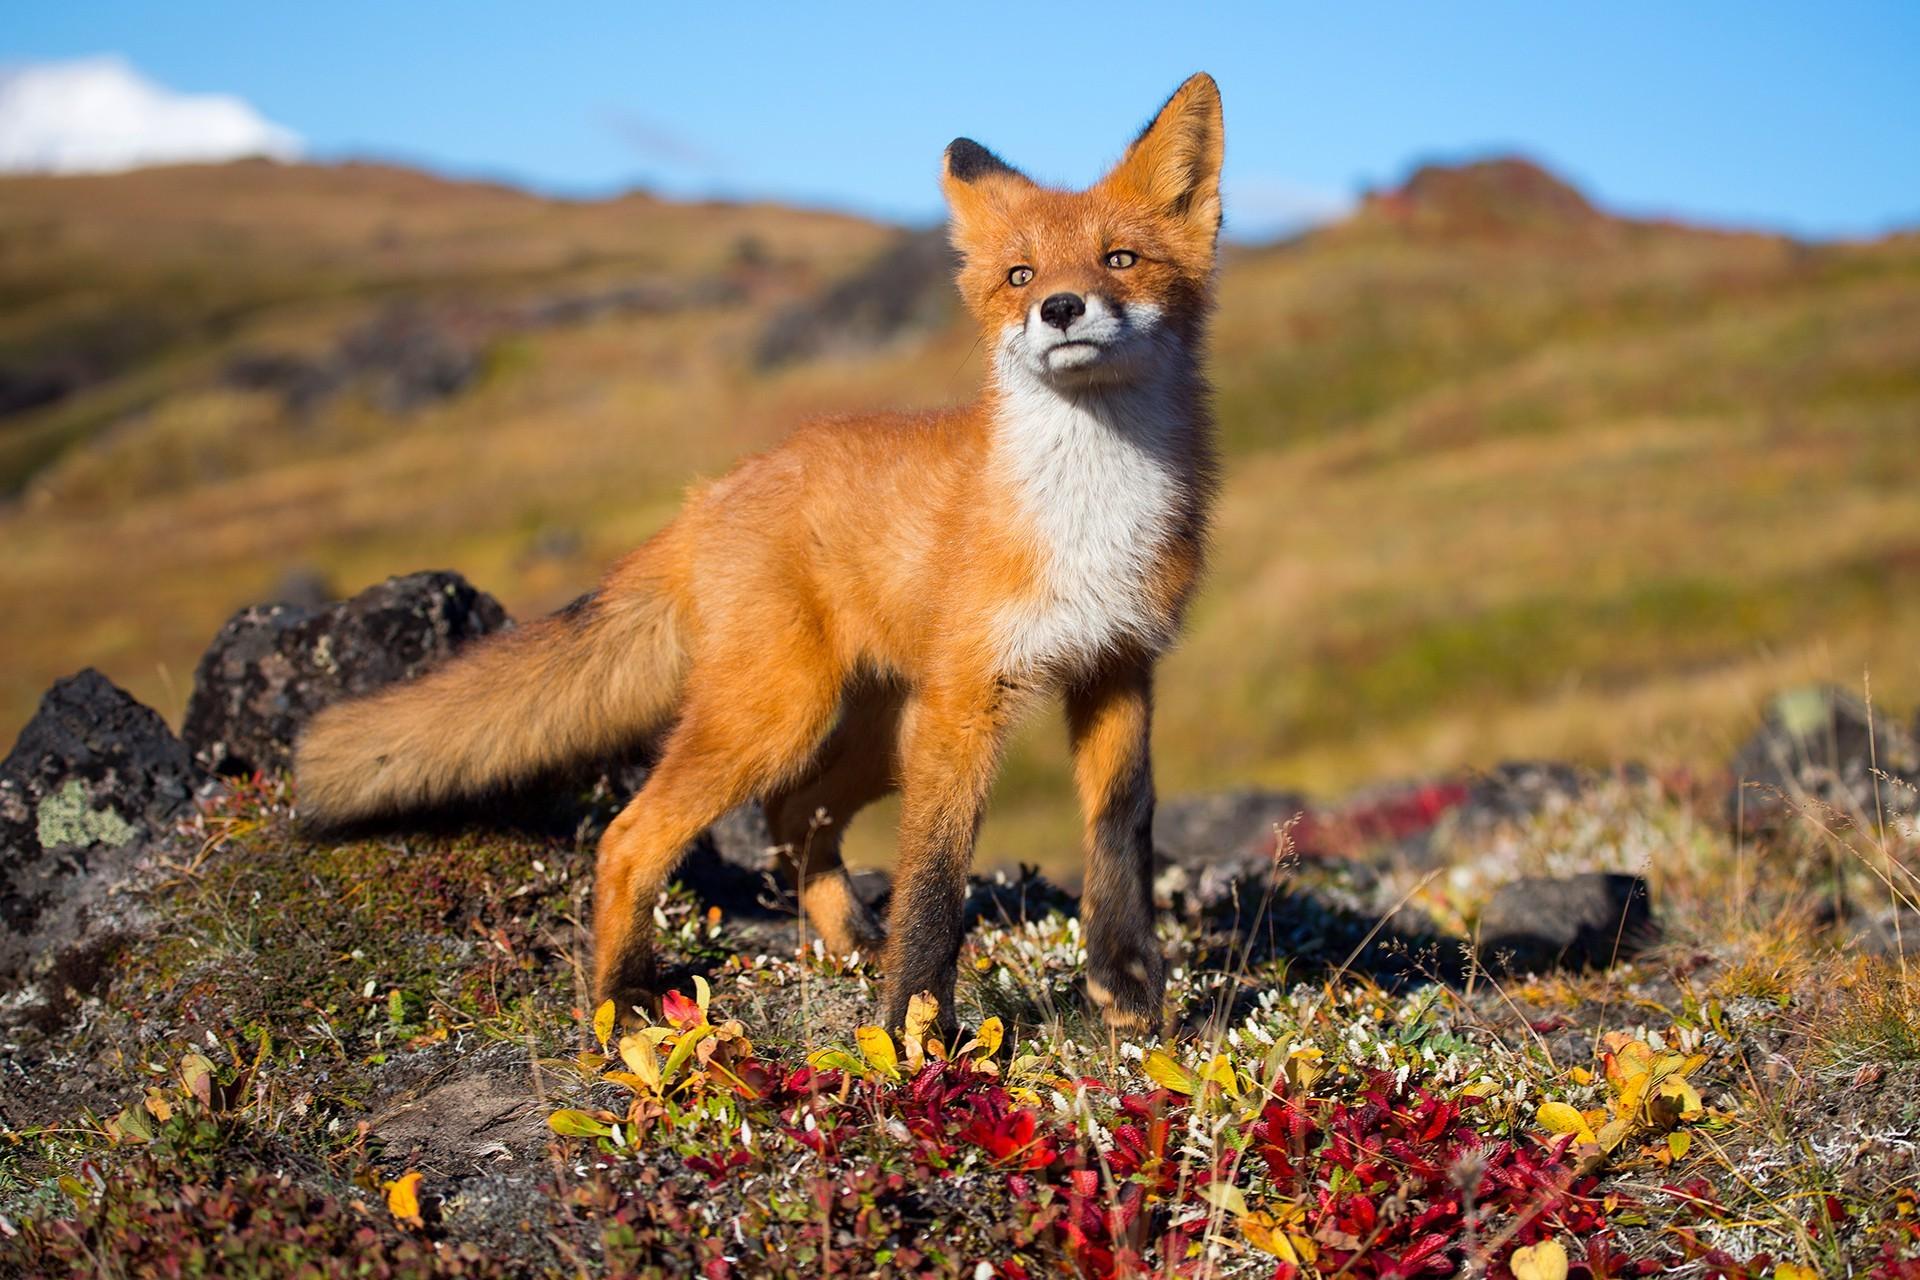 wildlife backgrounds for desktop (62+ images)